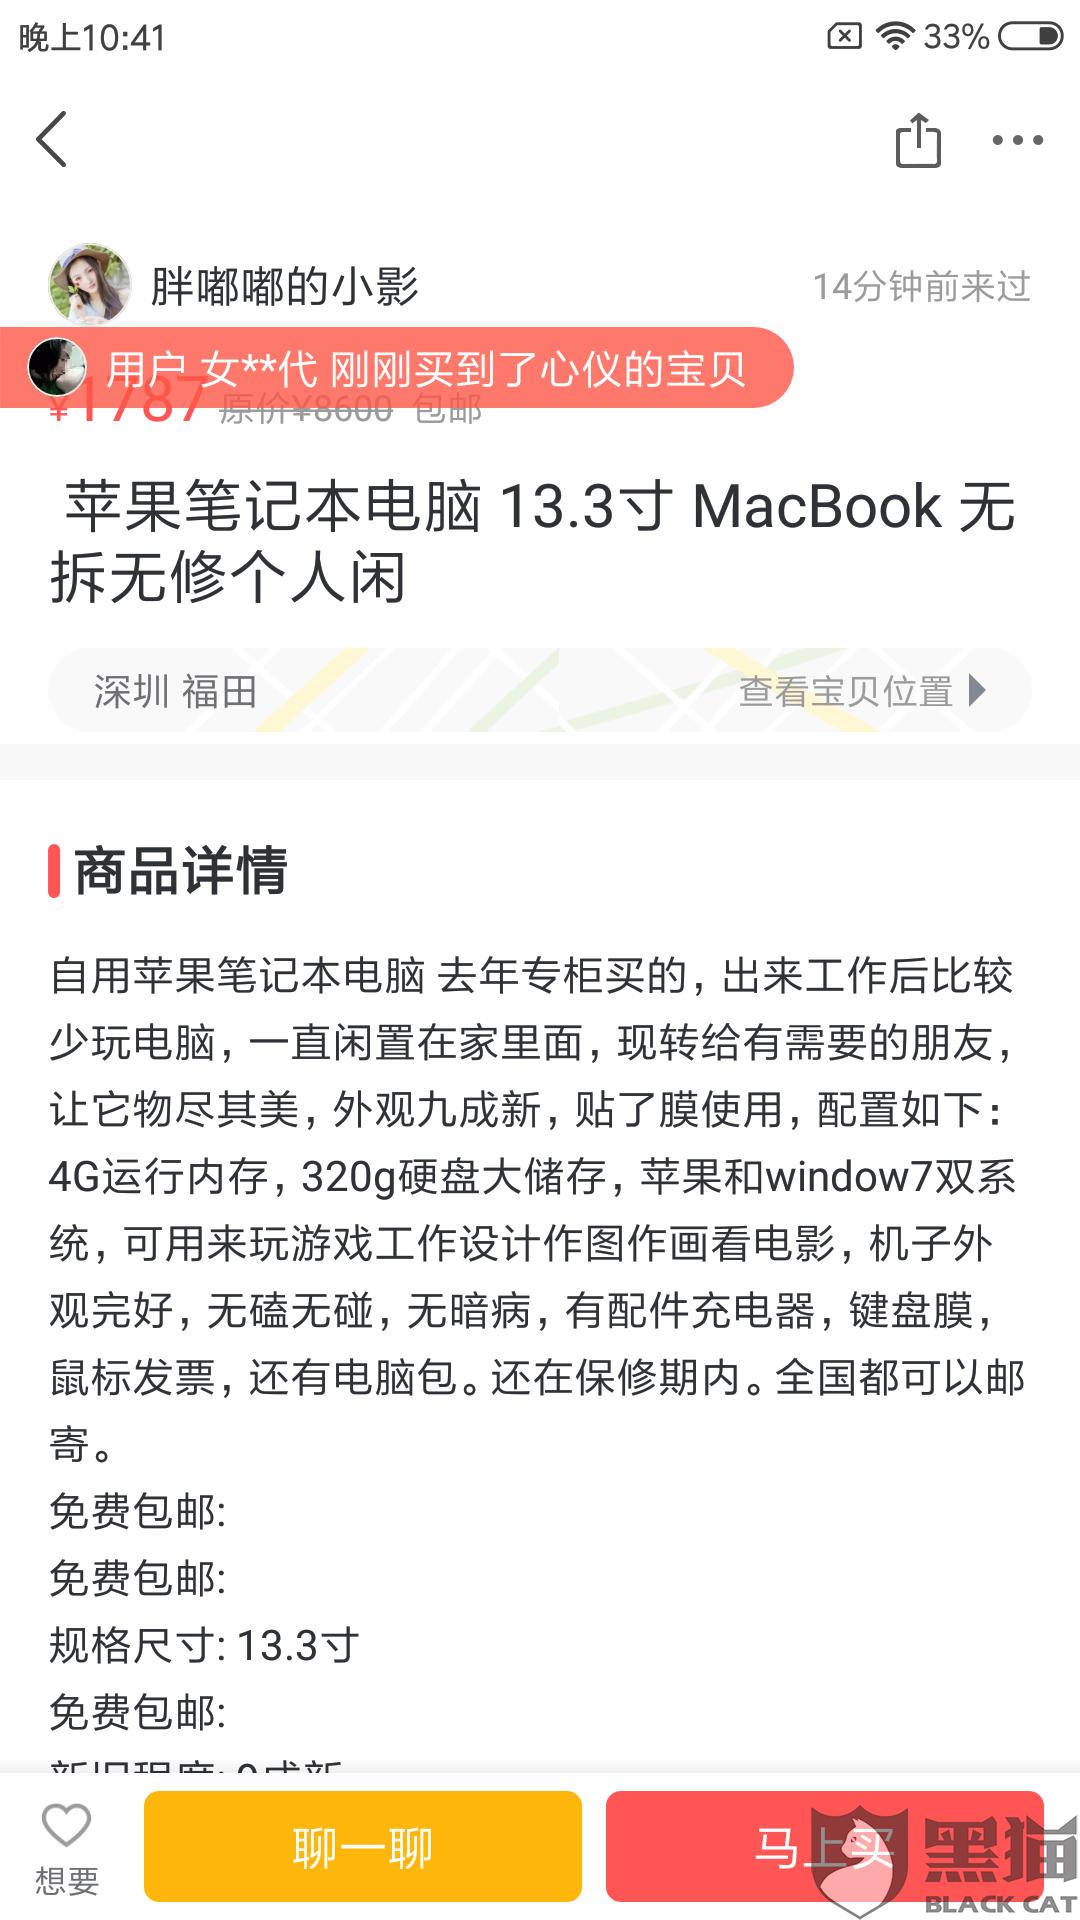 黑猫投诉:北京转转二手交易平台包庇骗子卖家欺骗消费者